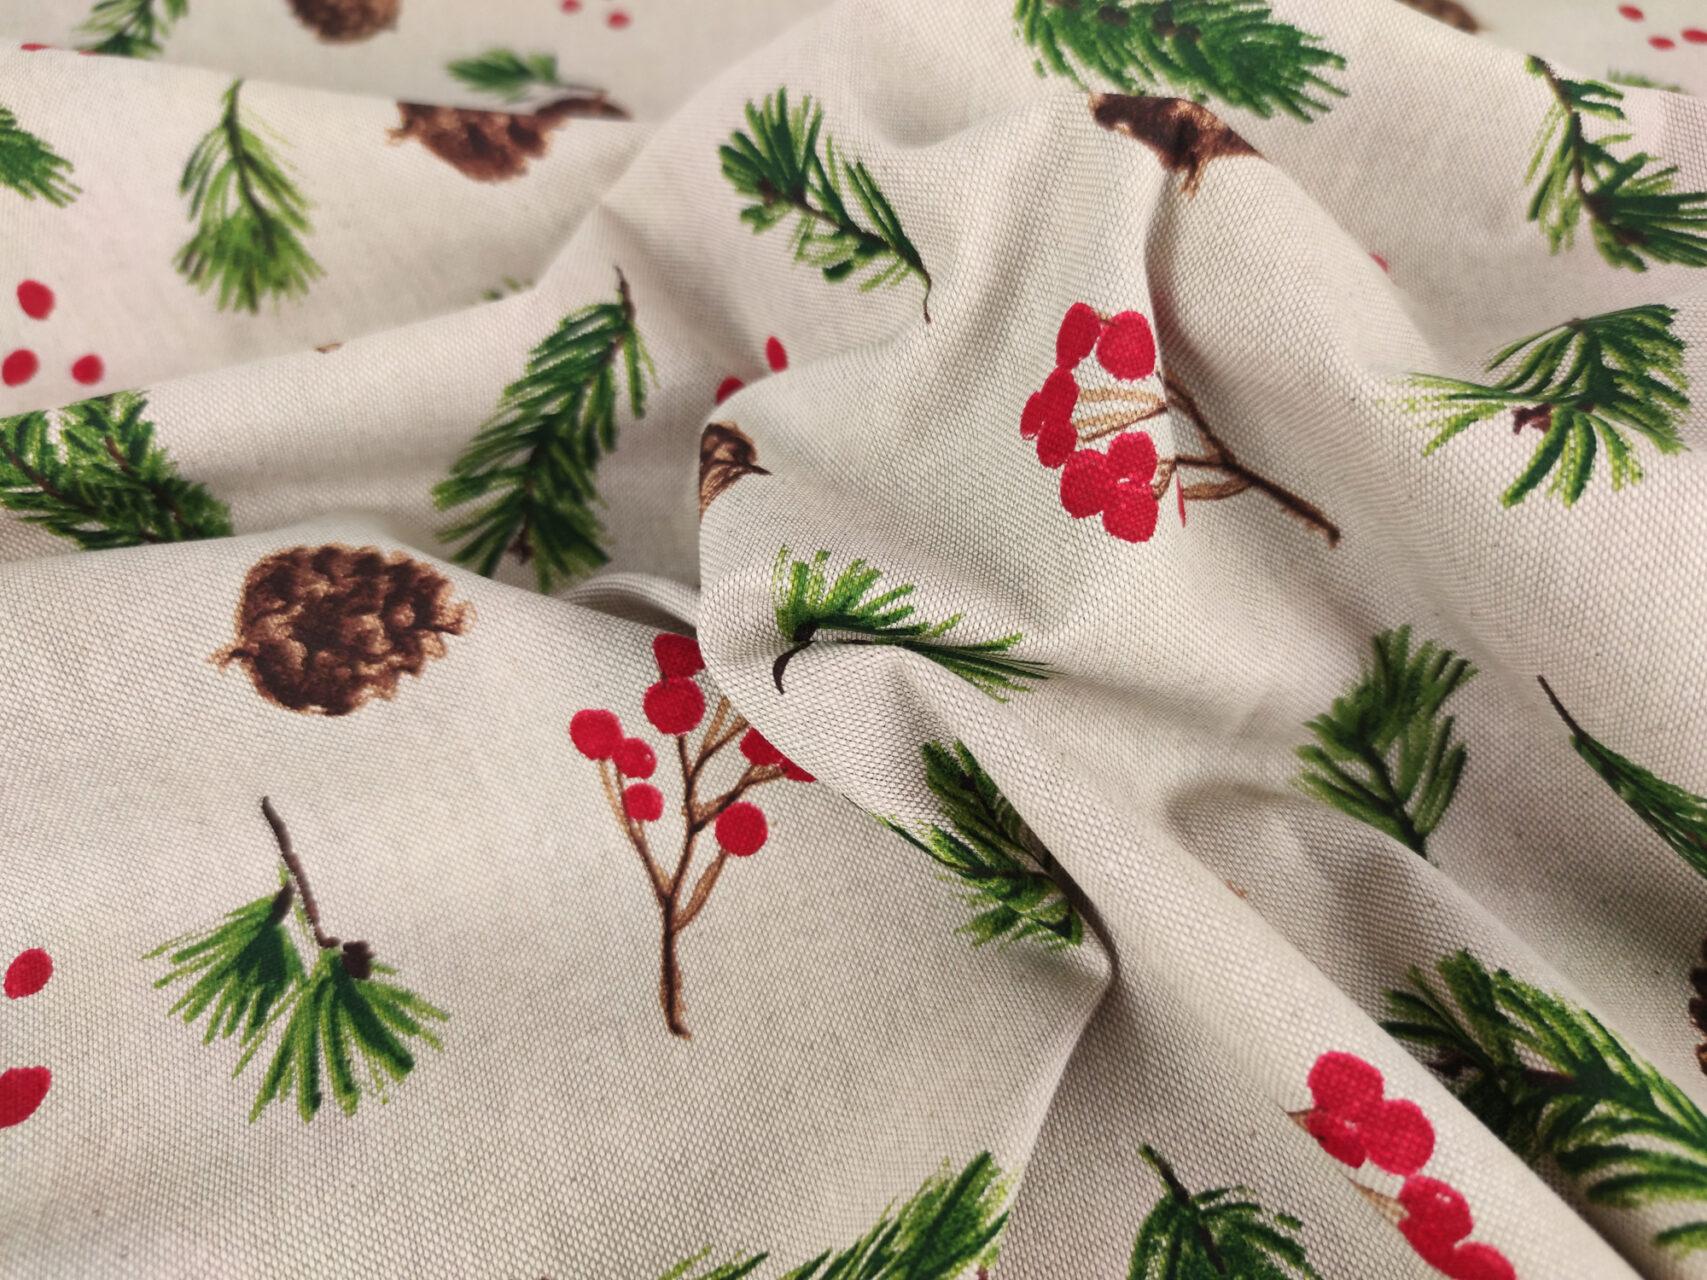 Stoffdetail-Kiefernzapfen-Tannenzapfen-Weihnachtenbeige-rot-grün1a